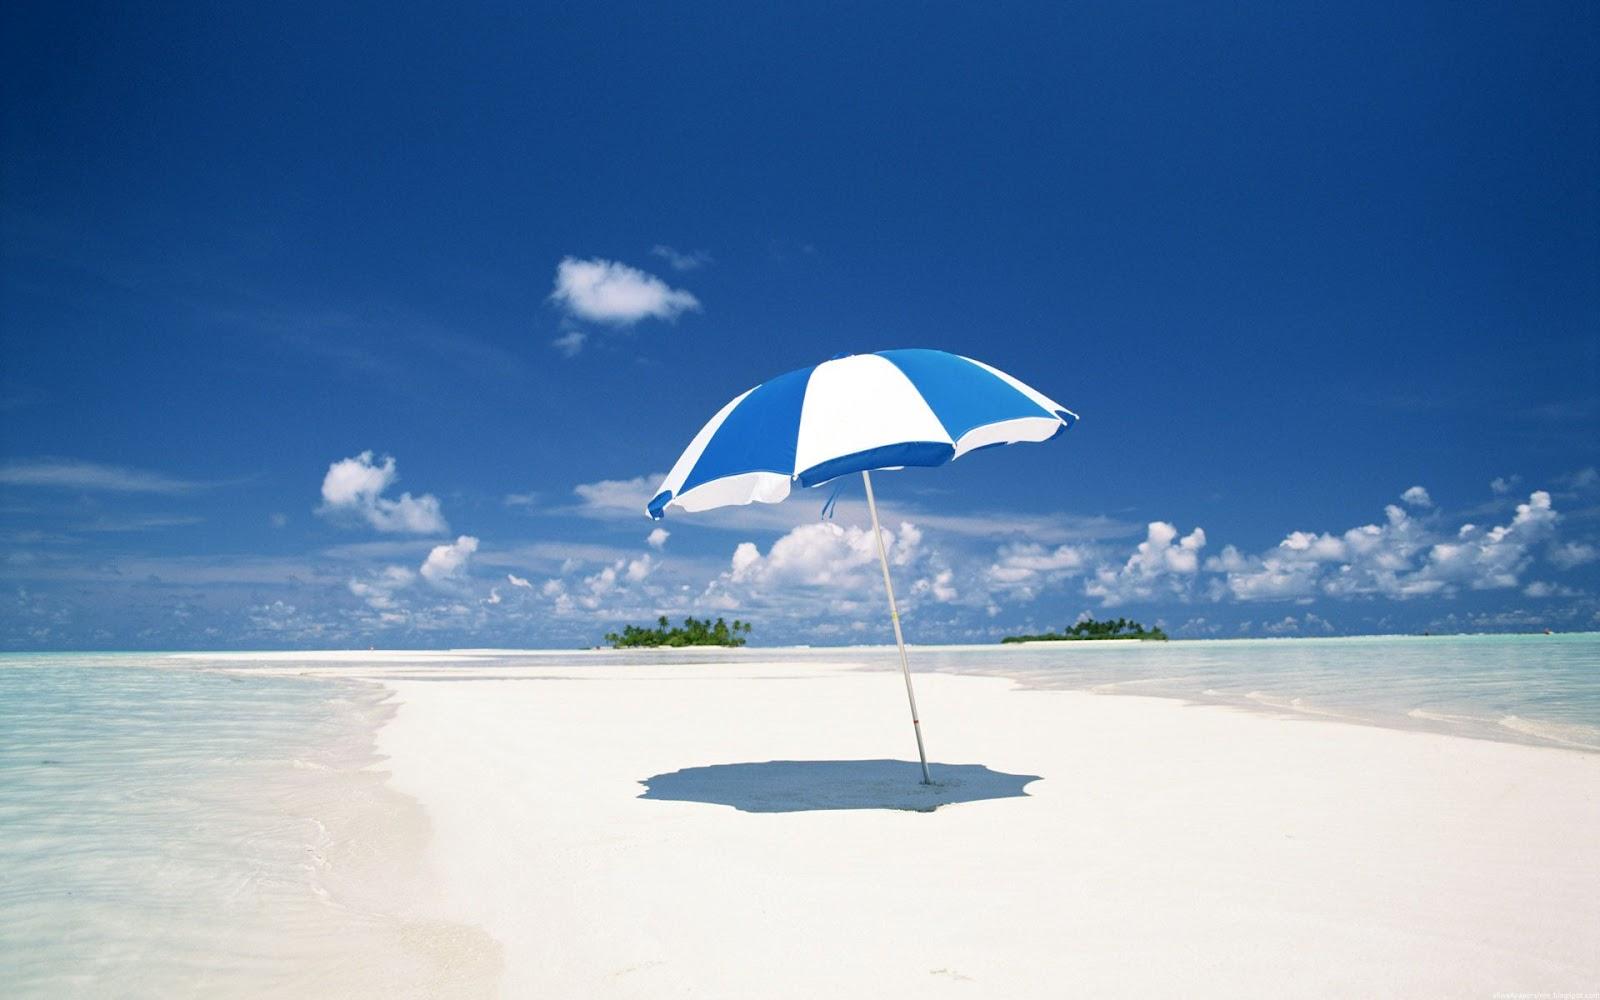 http://4.bp.blogspot.com/-8_jZf7zhYbA/UCIU89LfD1I/AAAAAAAAFD0/1UqbGZM_t7g/s1600/beach-wallpapers-wal-pappers-blogspot-com+(10).jpg